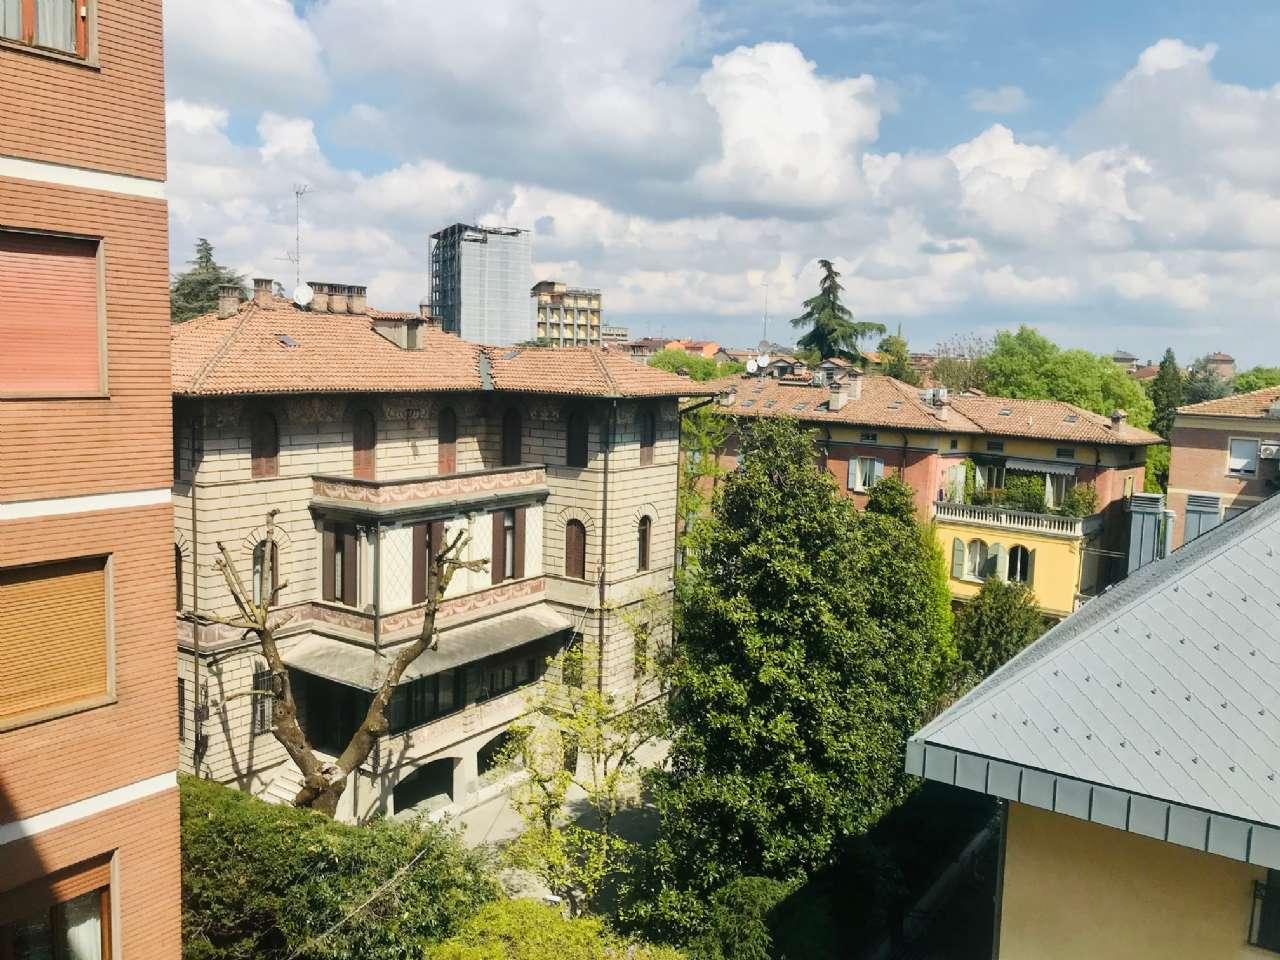 Appartamento in vendita a Modena, 5 locali, prezzo € 550.000 | PortaleAgenzieImmobiliari.it